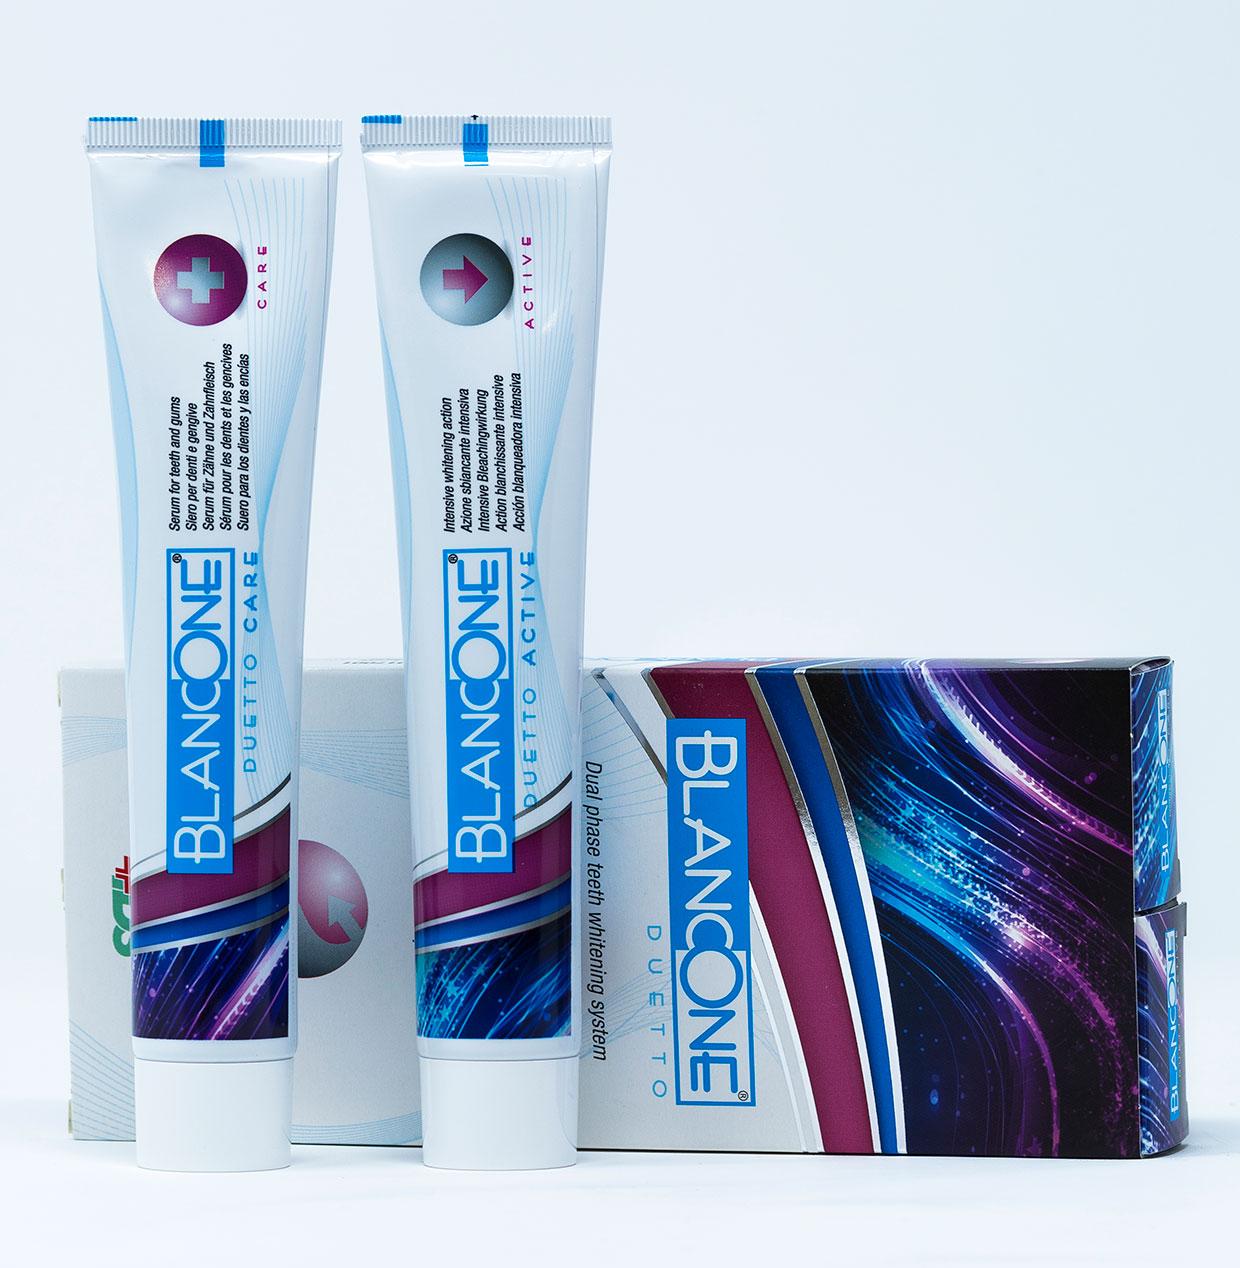 Blancone  Dentifricio Duetto - 2 tubi x 75 ml